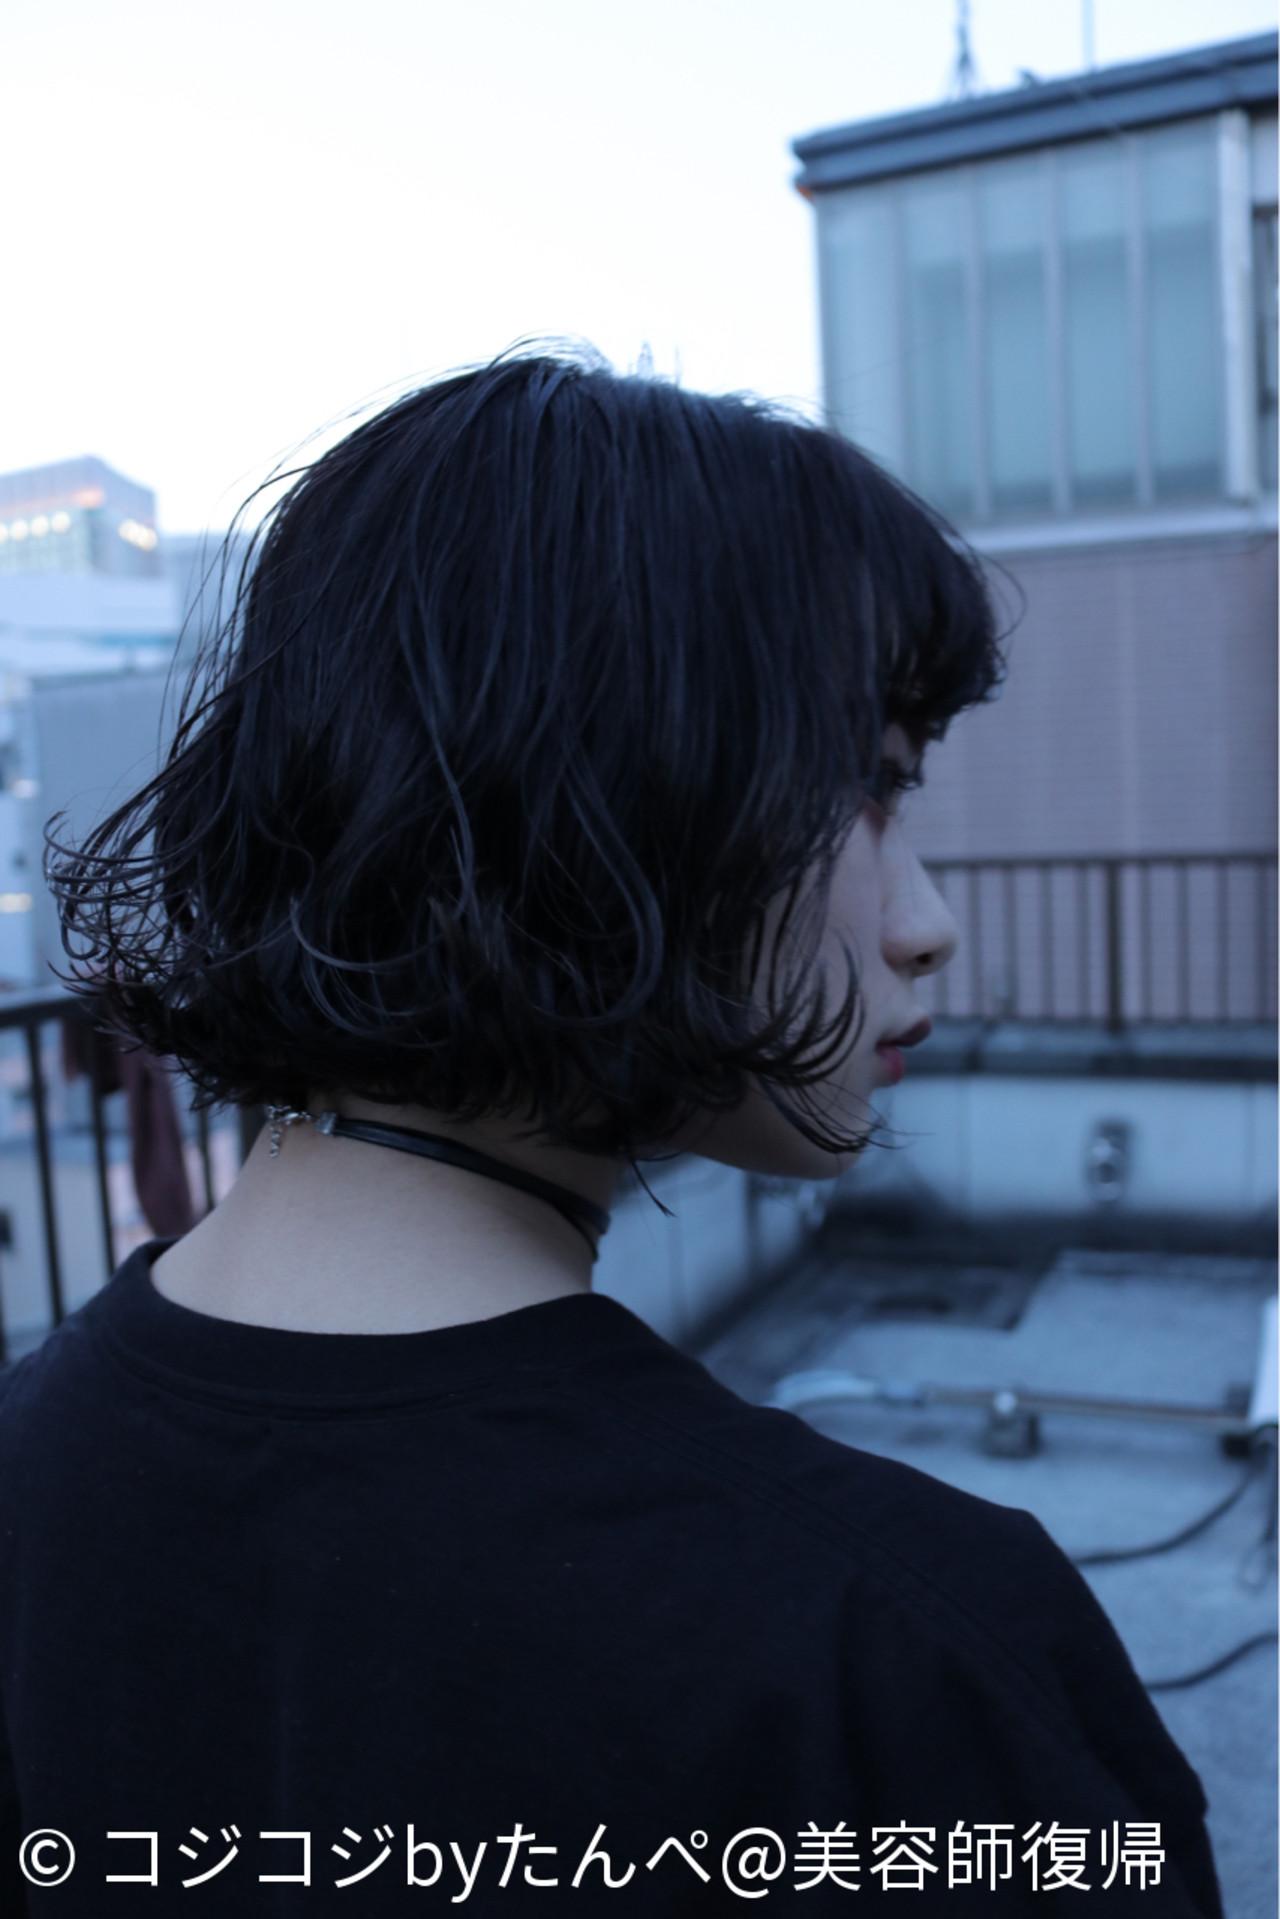 ウェットヘア 黒髪 ストリート アンニュイ ヘアスタイルや髪型の写真・画像 | コジコジbyたんぺ@美容師復帰 / fossette